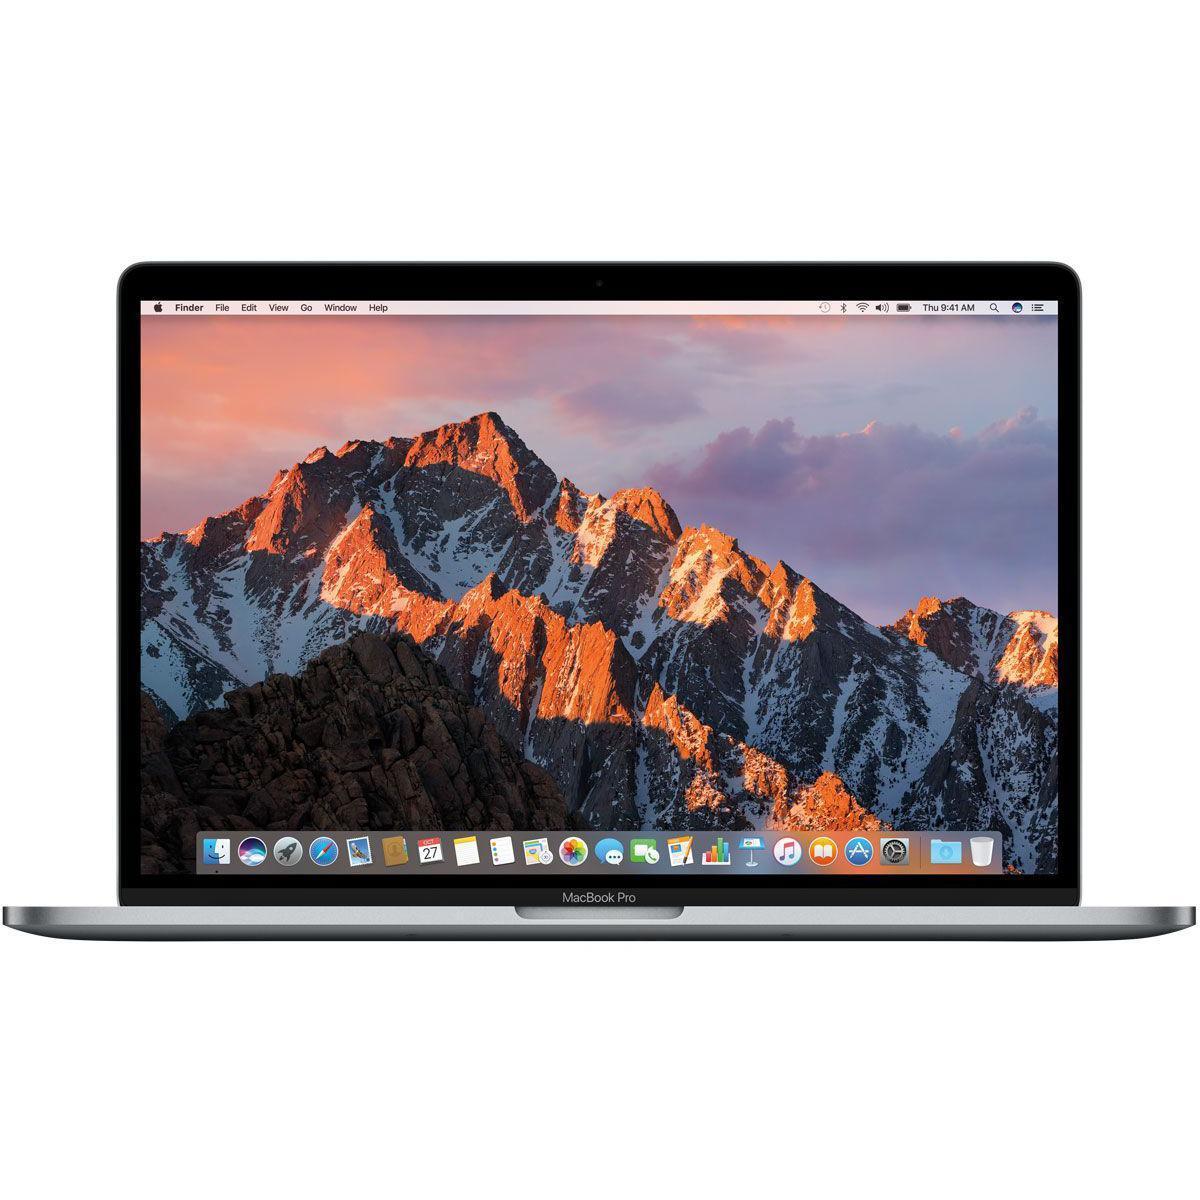 MacBook Pro Retina 15,4-tum (2016) - Core i7 - 16GB - SSD 512 GB QWERTY - Engelska (Storbritannien)